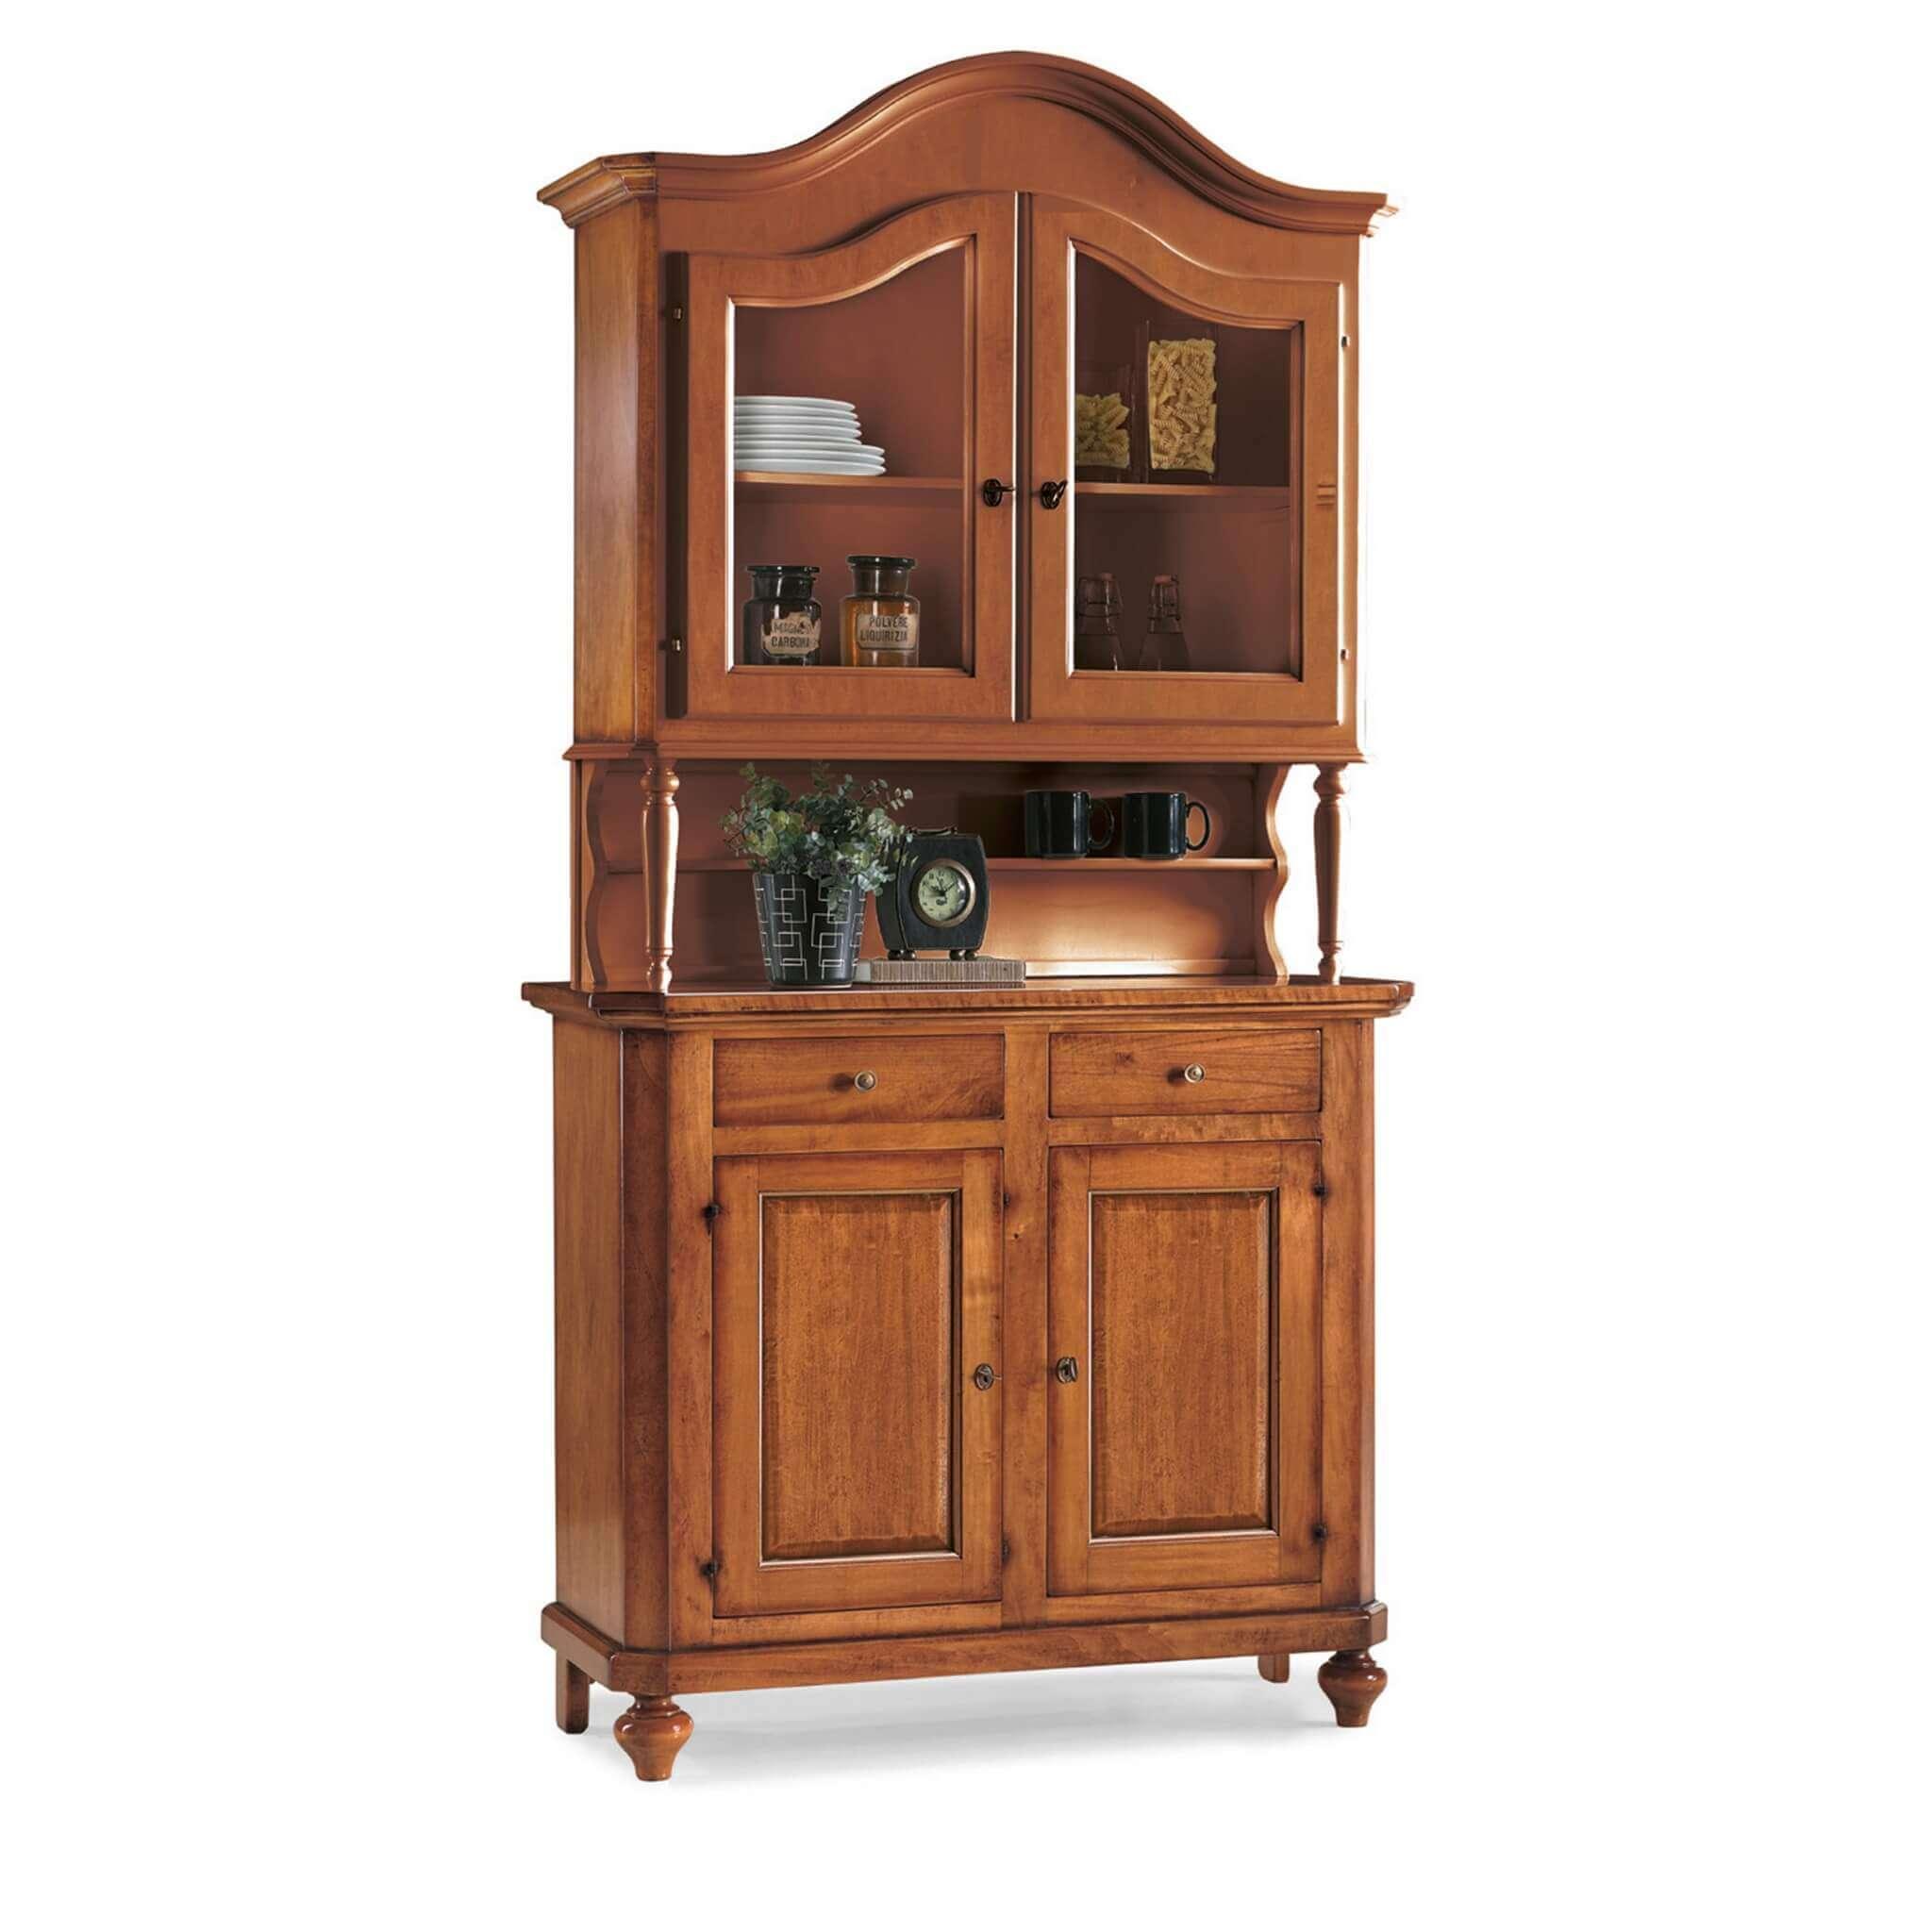 milani home kylie - credenza con vetrina in legno massello 104 x 43 x 219